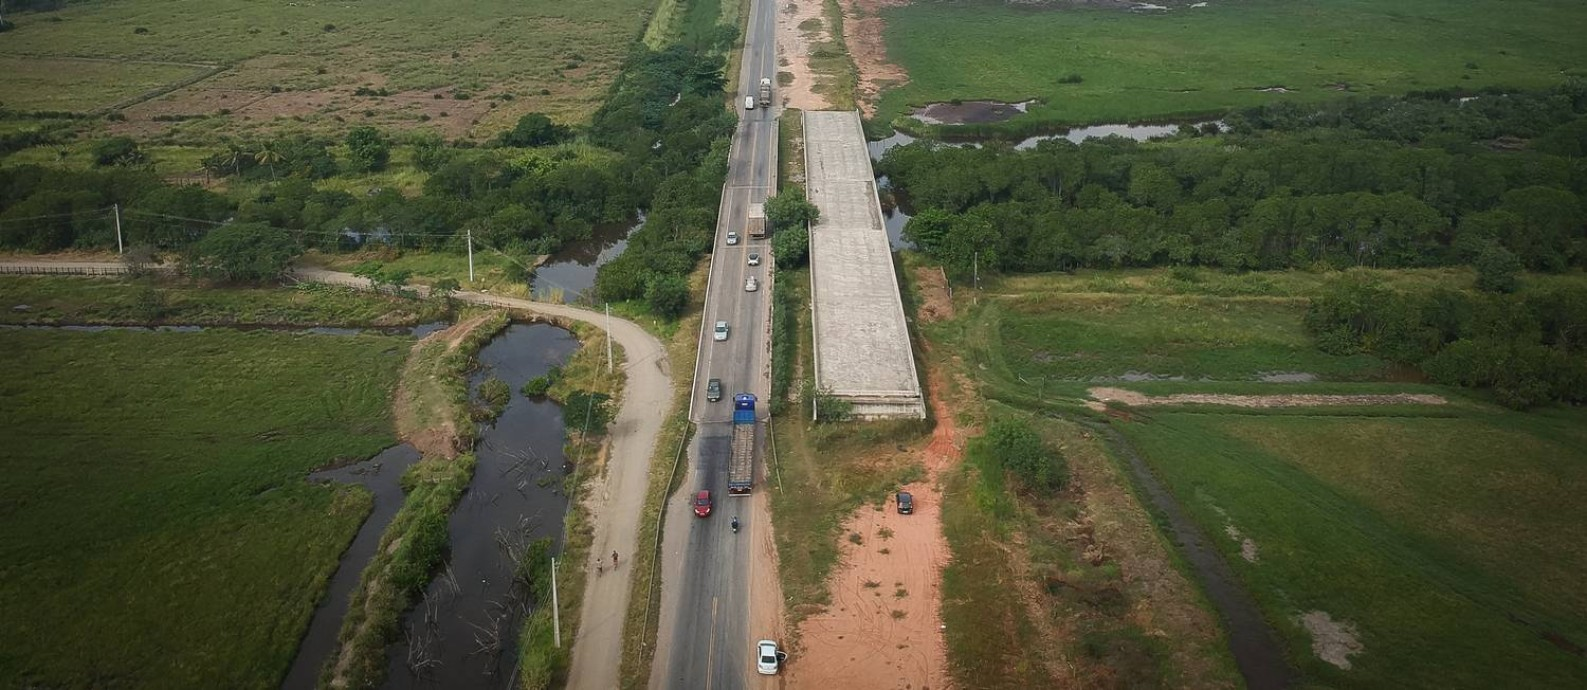 Ponte inacabada na BR-493: as obras de duplicação pararam no fim do ano passado, por falta de verba, segundo o Dnit Foto: Pablo Jacob / Agência O Globo